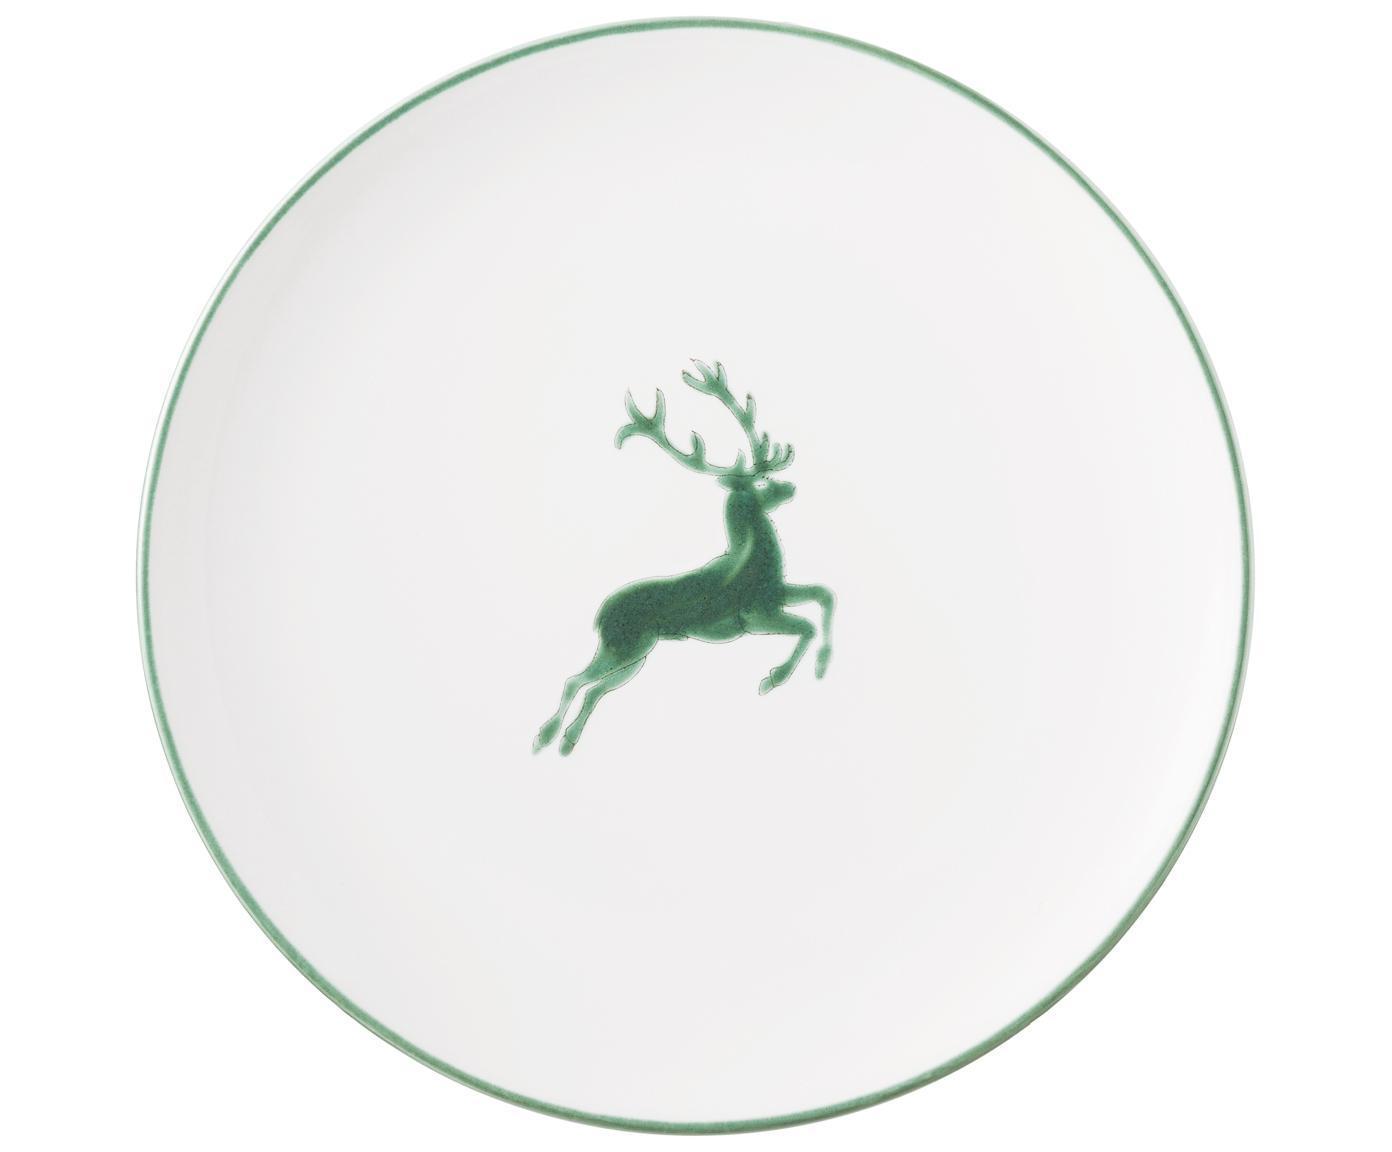 Talerz duży Classic Grüner Hirsch, Ceramika, Biały, Ø 25 cm